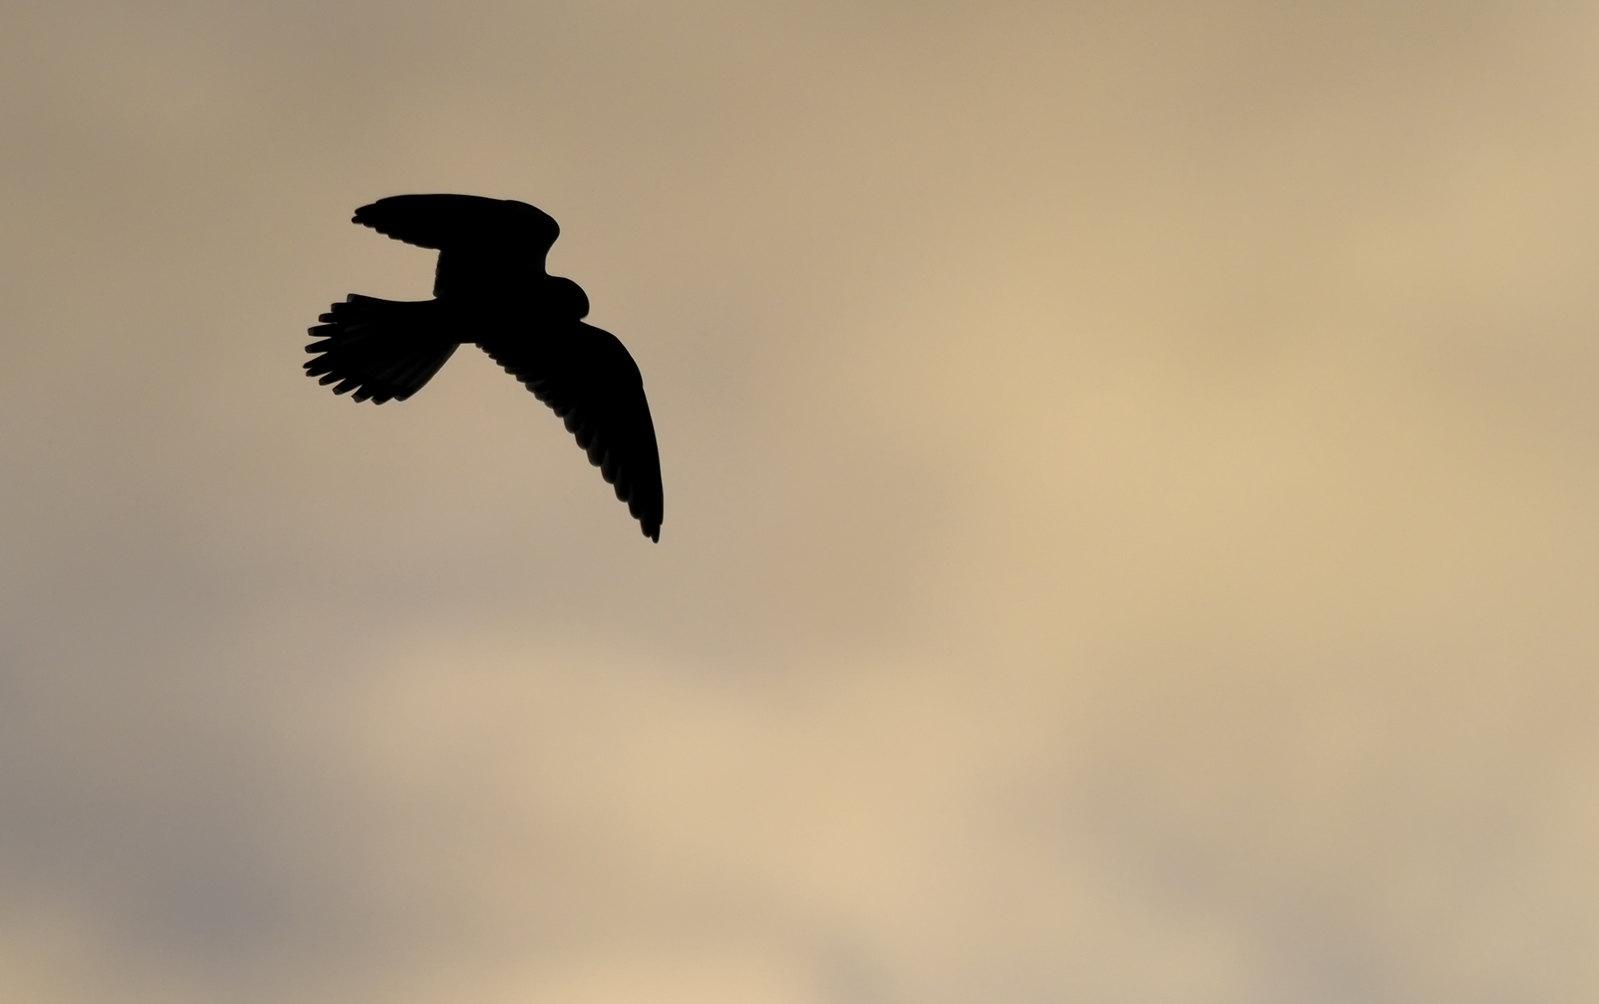 Kestrel Hunting at dusk